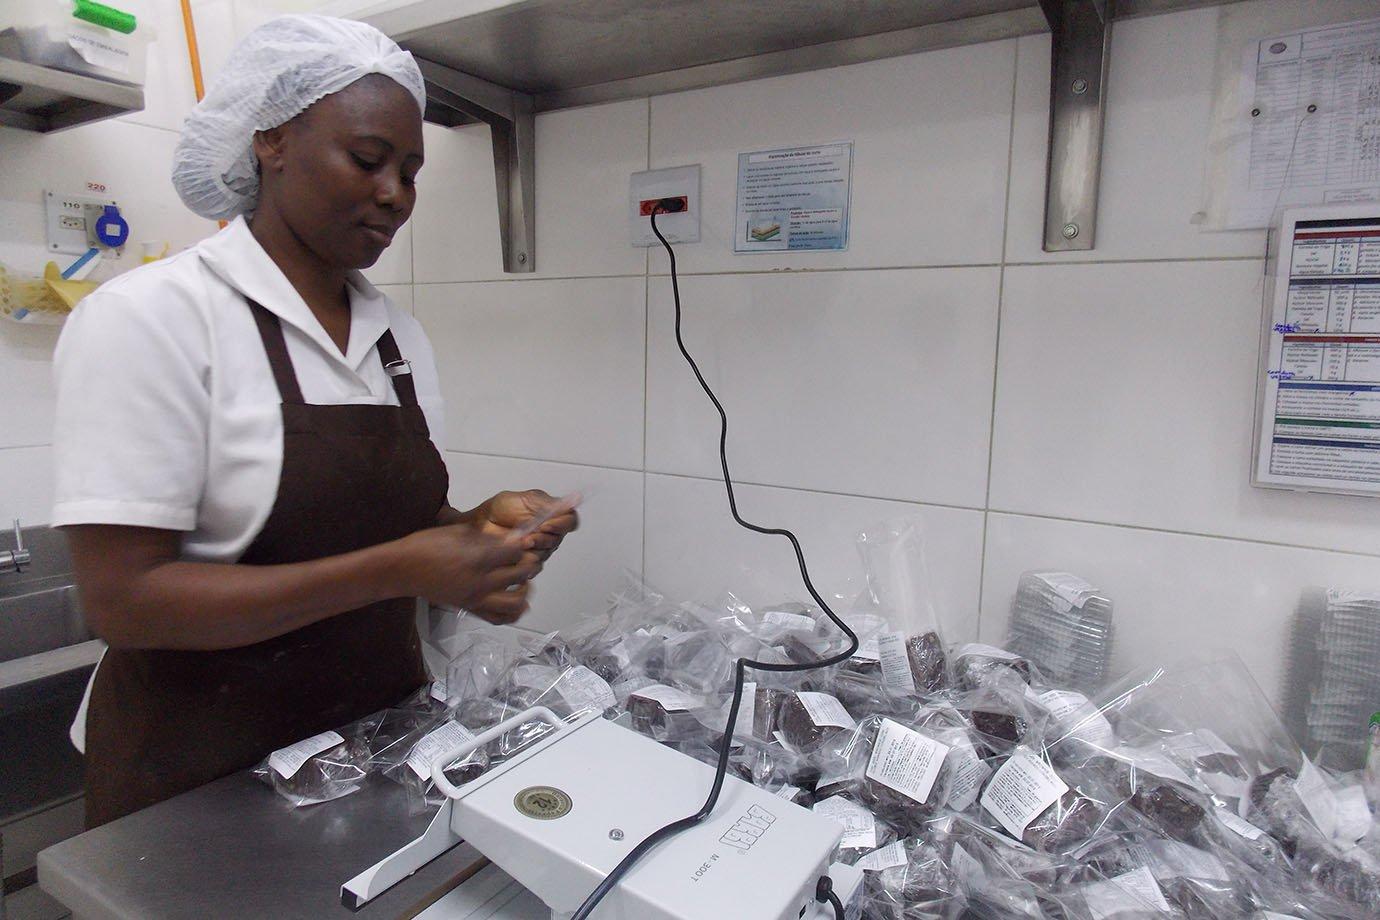 Funcionária embala produtos da Mr. Cheney, na fábrica em São Paulo